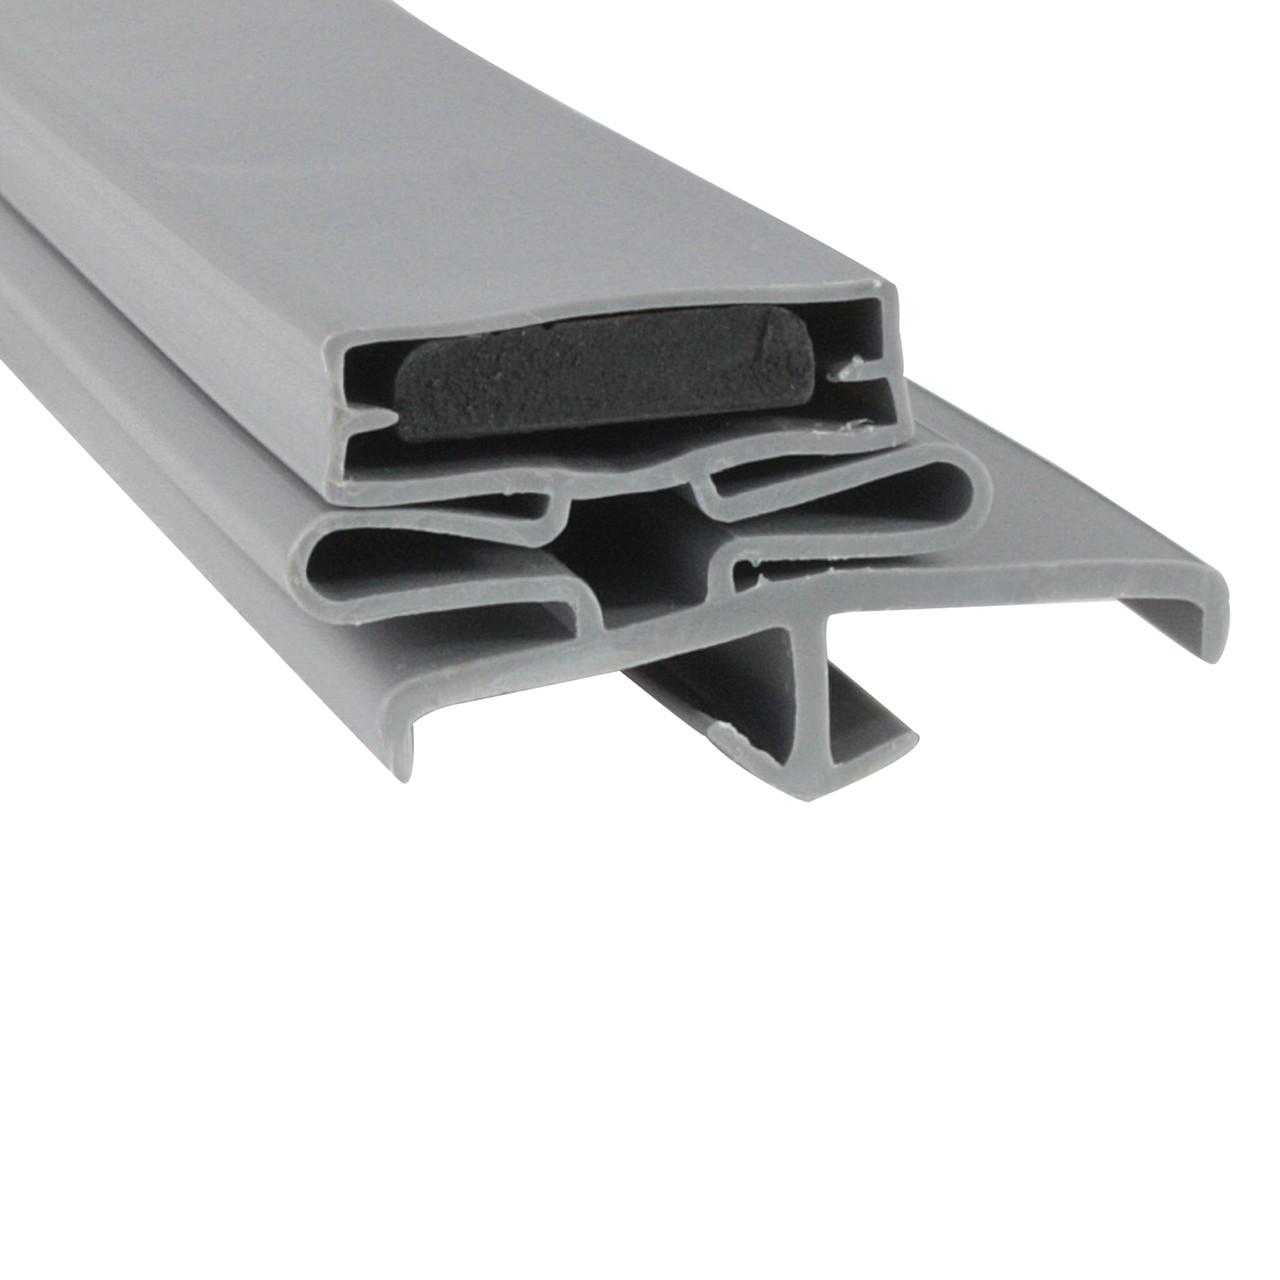 Kairak Door Gasket Profile 168 18 x 21 5/8 -1